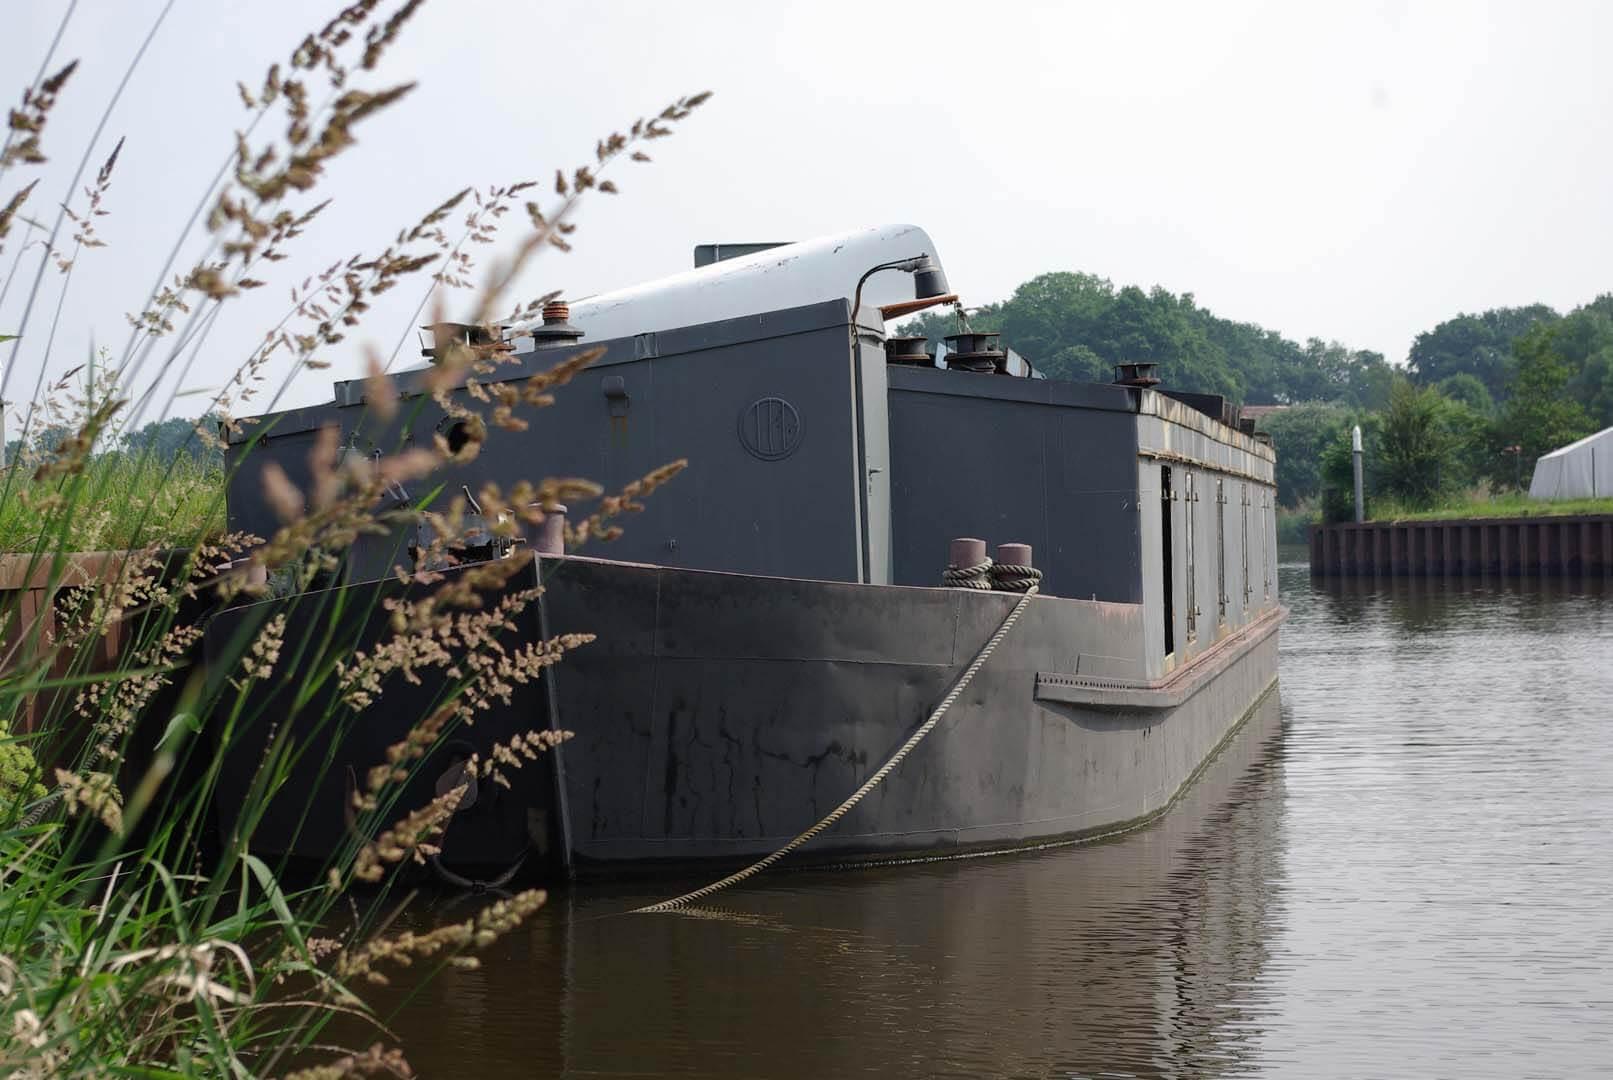 Peissnitz am Warteliegeplatz in Dörverden an der Weser